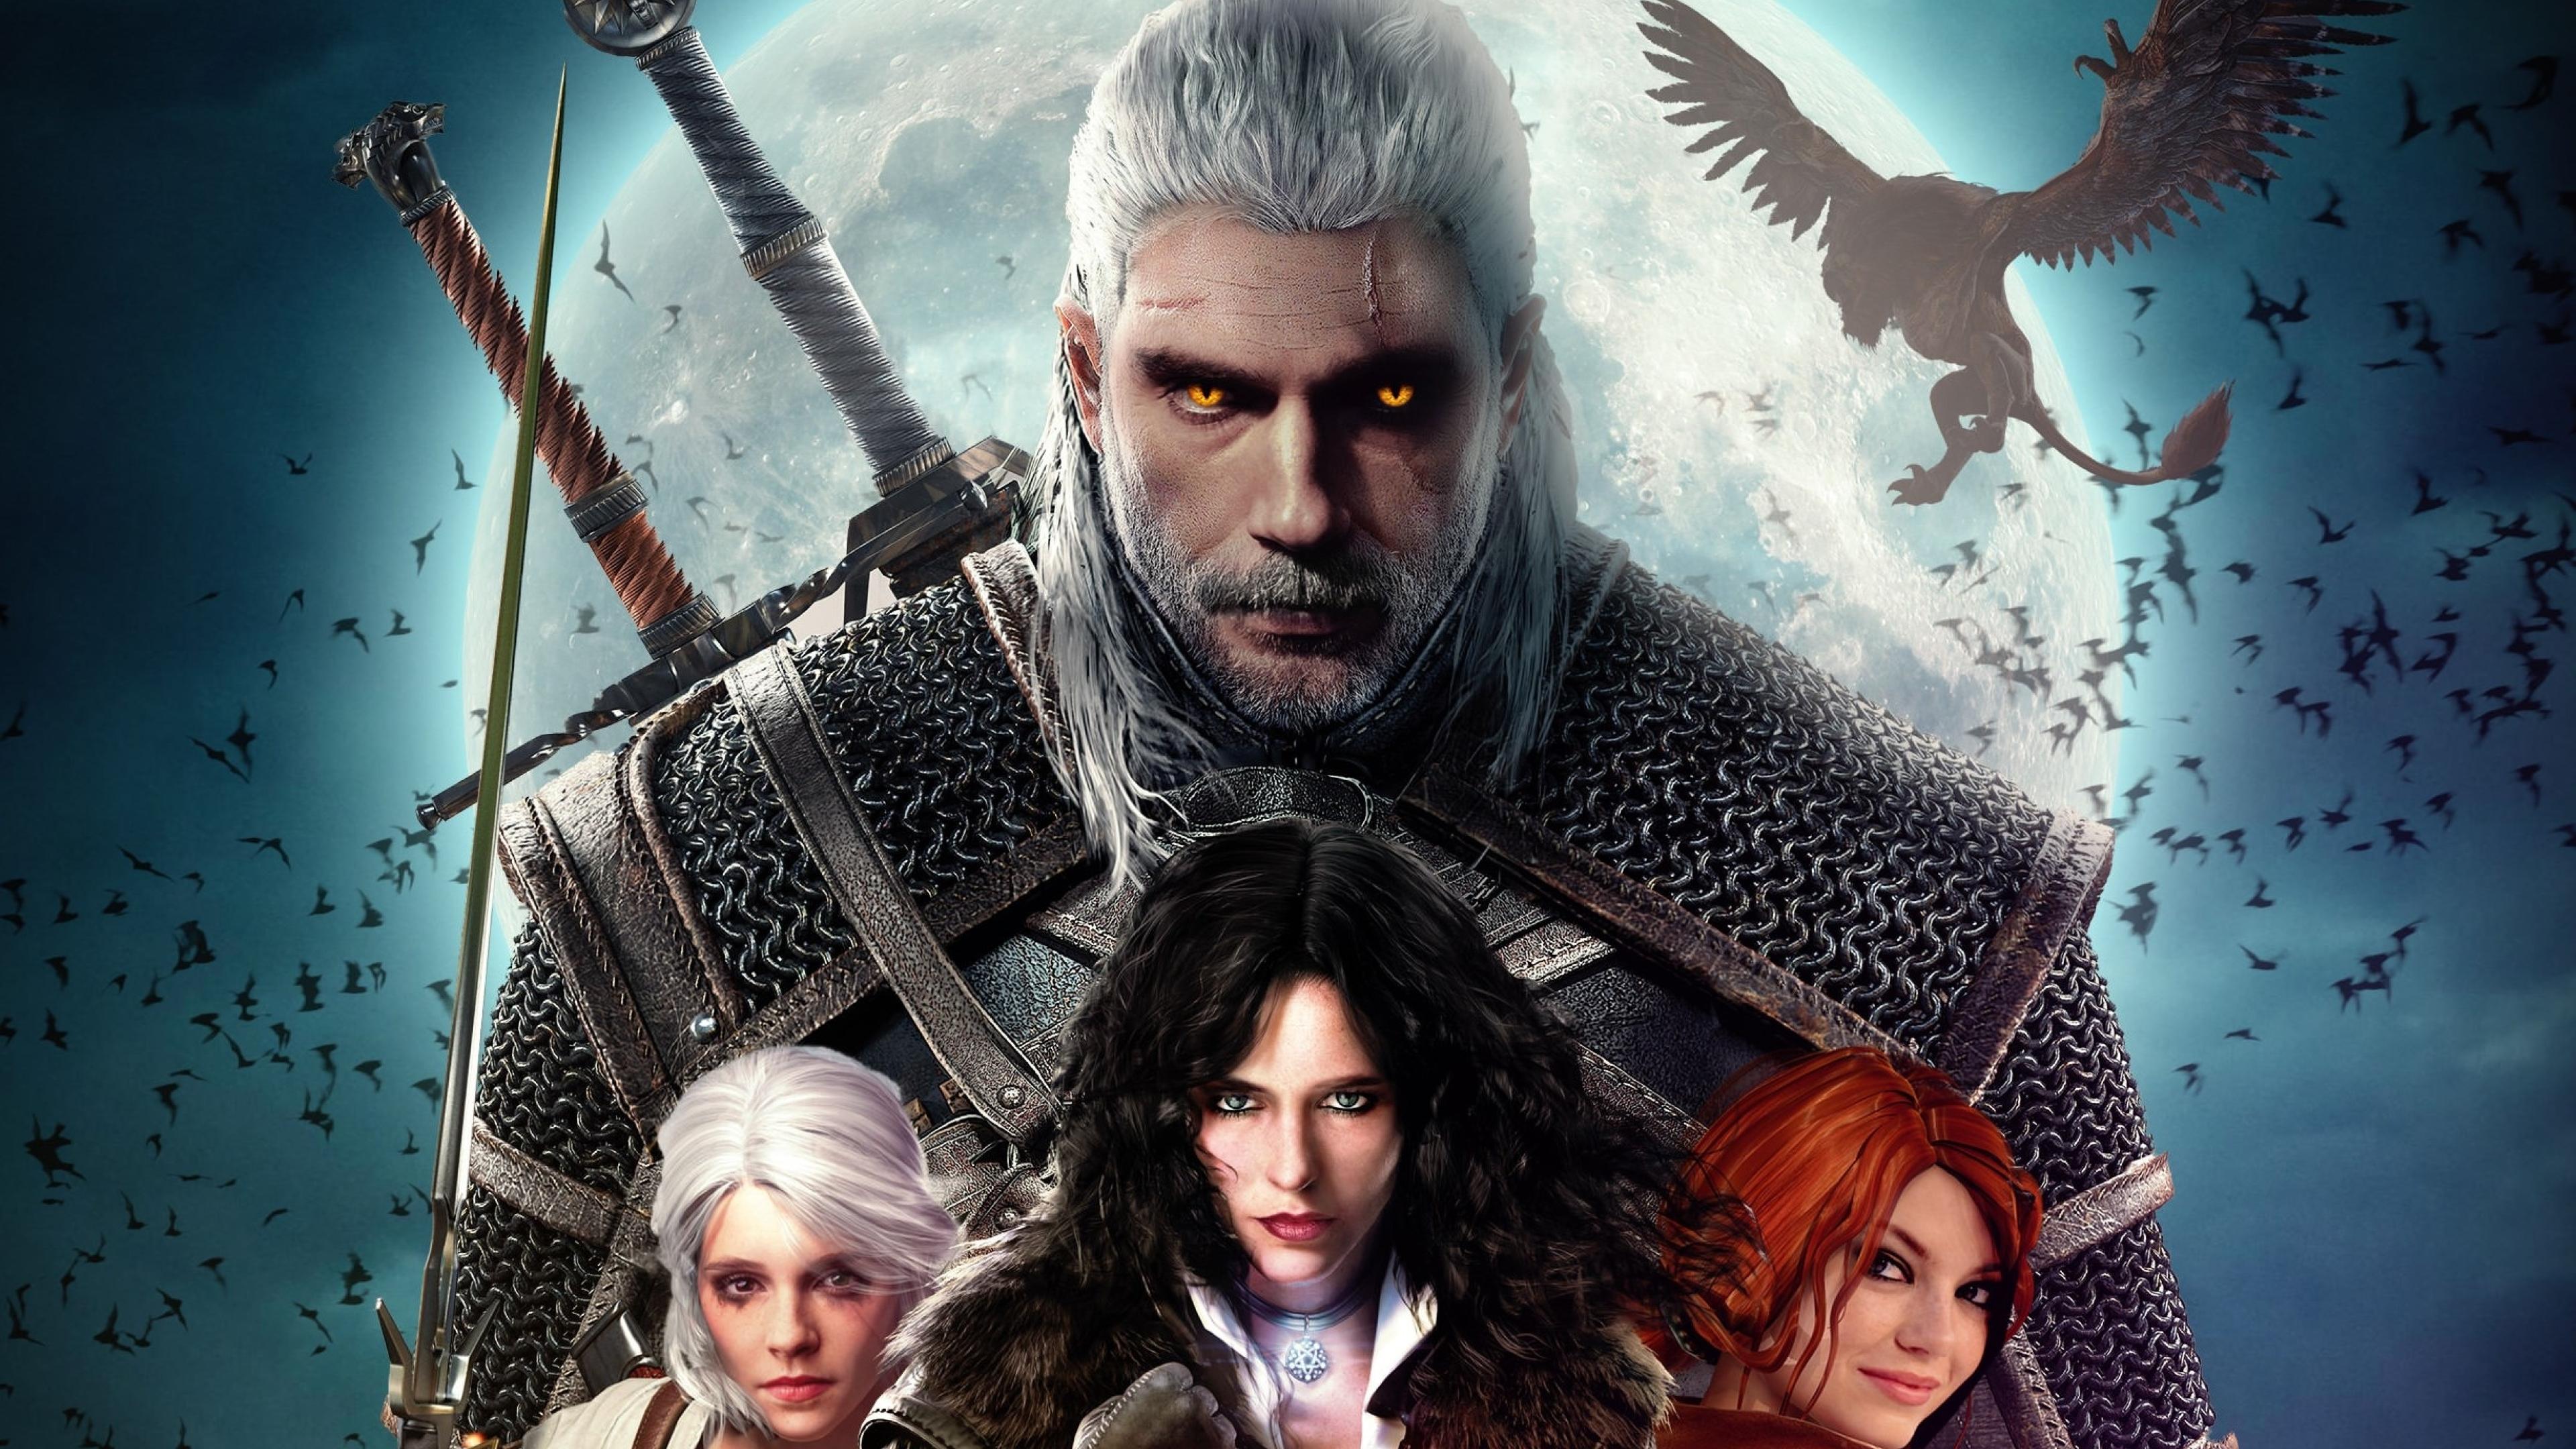 3840x2160 The Witcher 2019 4K Wallpaper, HD Artist 4K ...